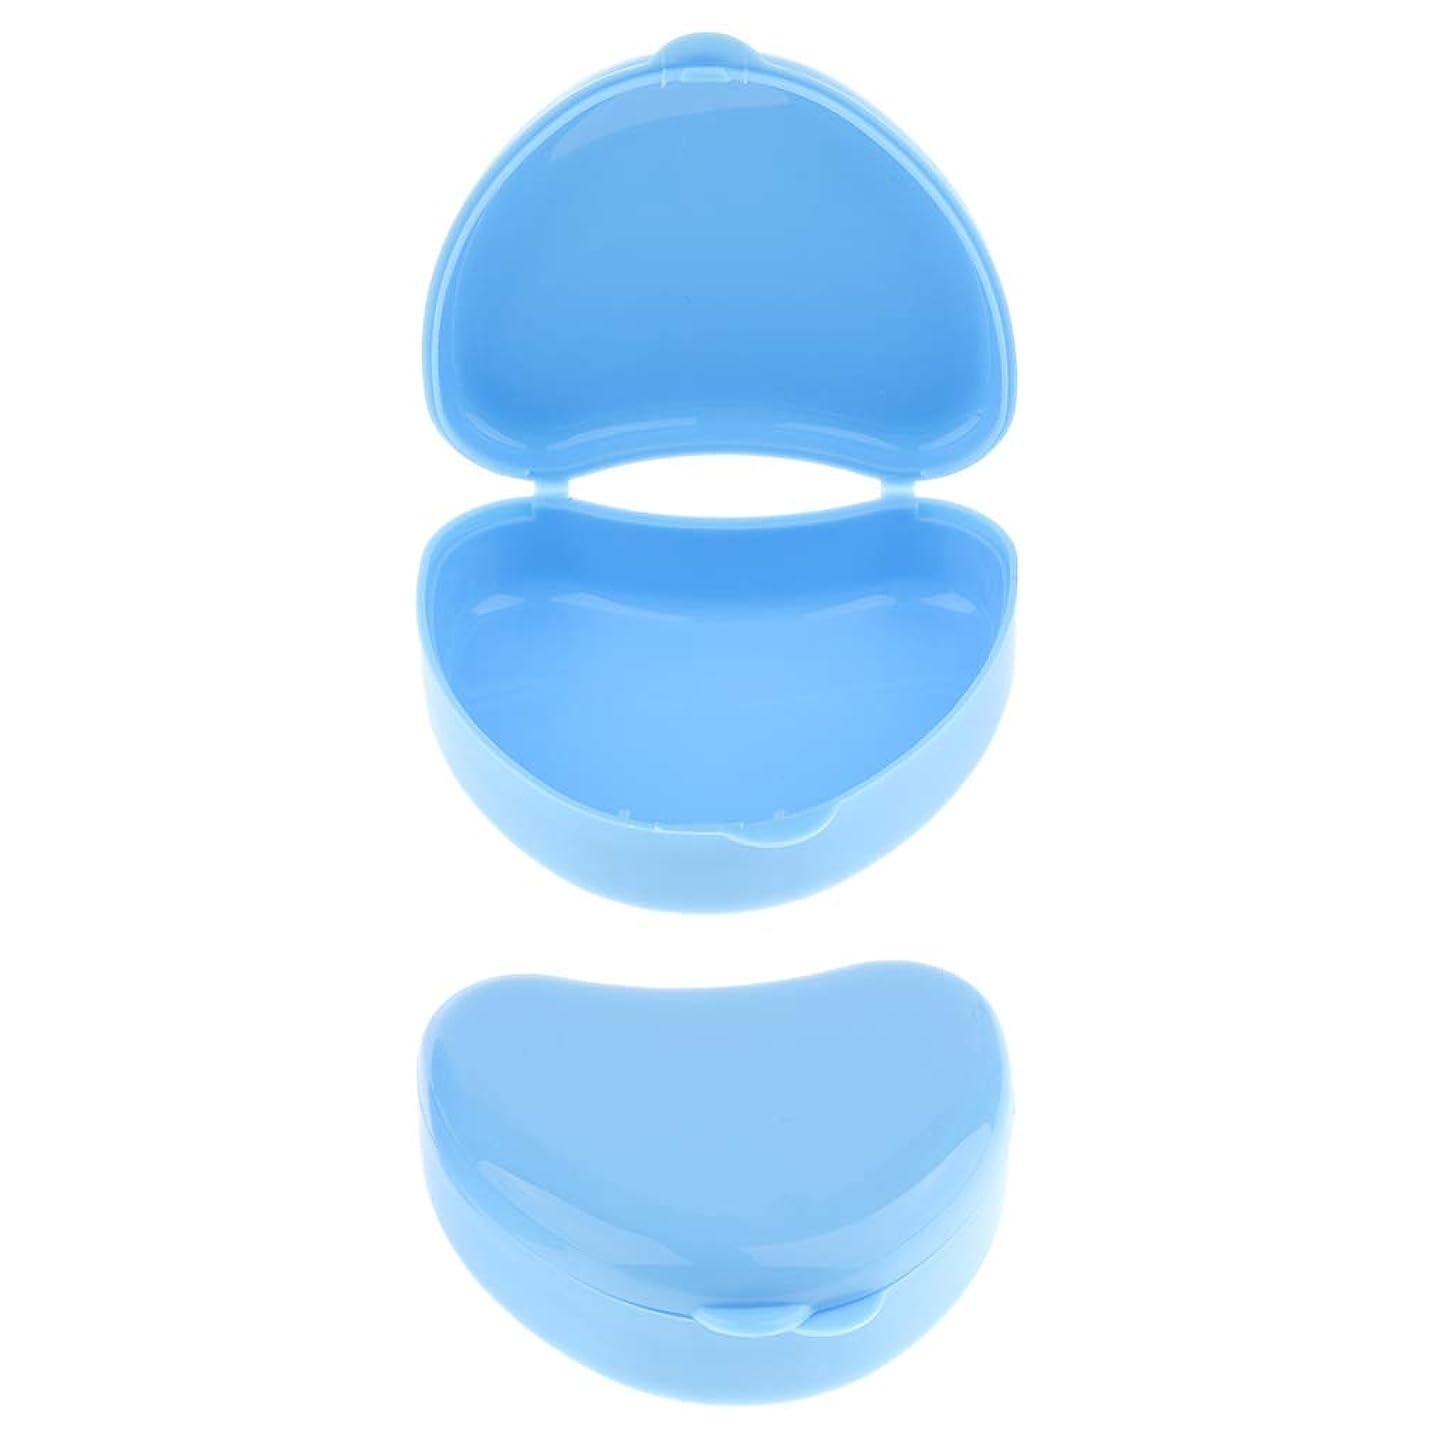 磁気選出する辞任sharprepublic 義歯ケース 義歯ボックス 義歯収納容器 マウスガードケース リテーナーポケット ハート型 全3色 - 青